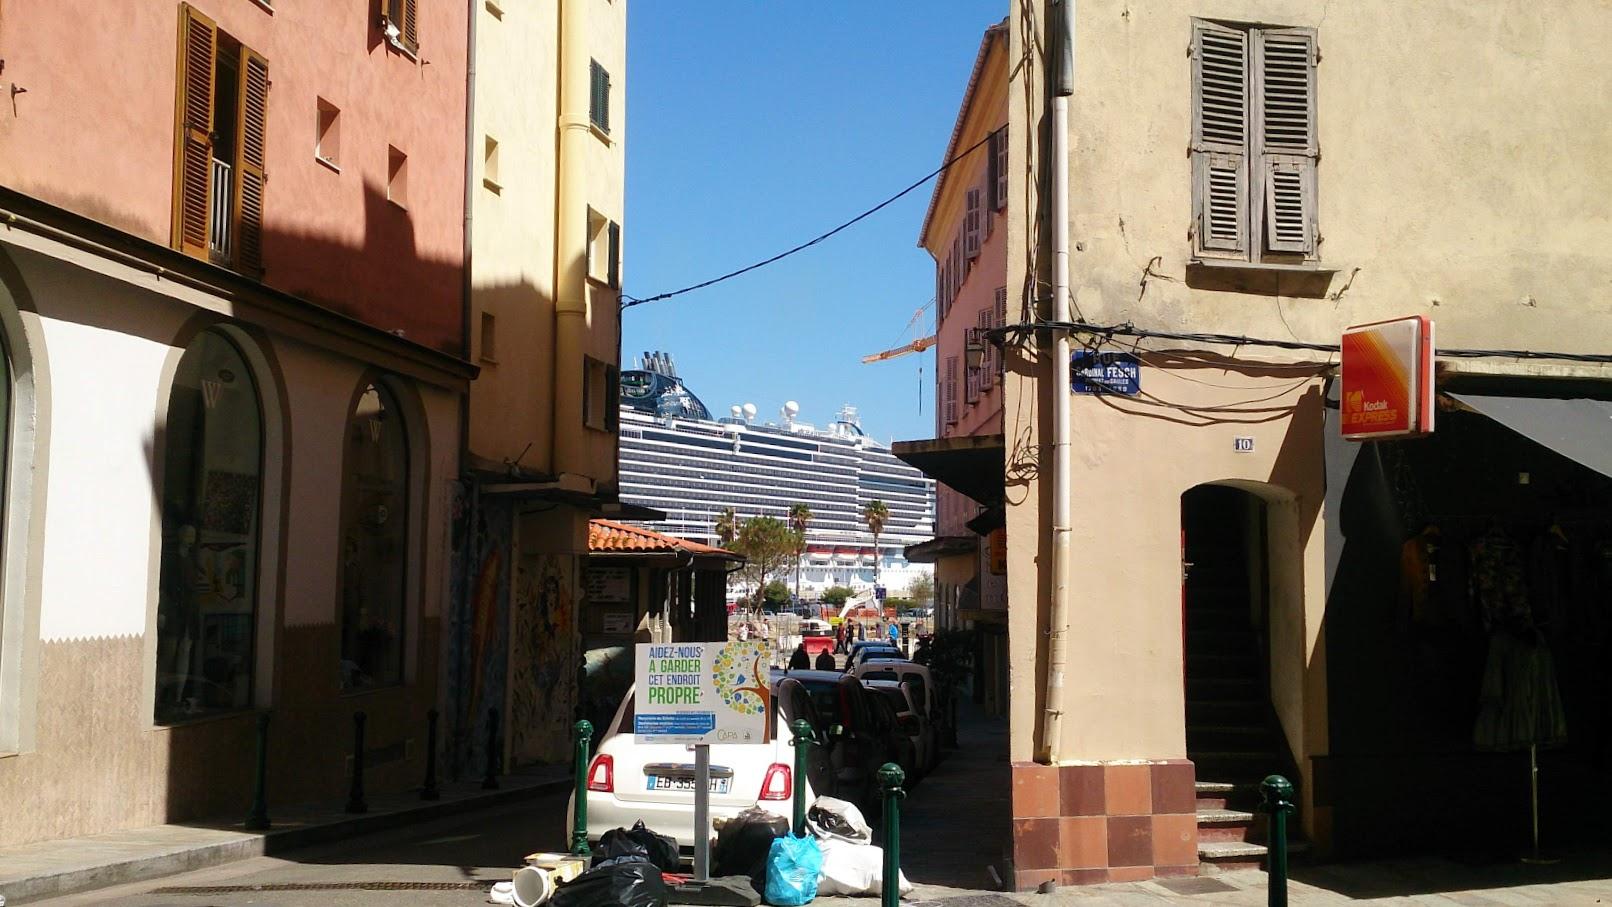 Италия точечно (Генуя, Специя-Чинкве Терре, Тарквиния, Тускания) и по пути Корсика (Аяччо), апрель 2019